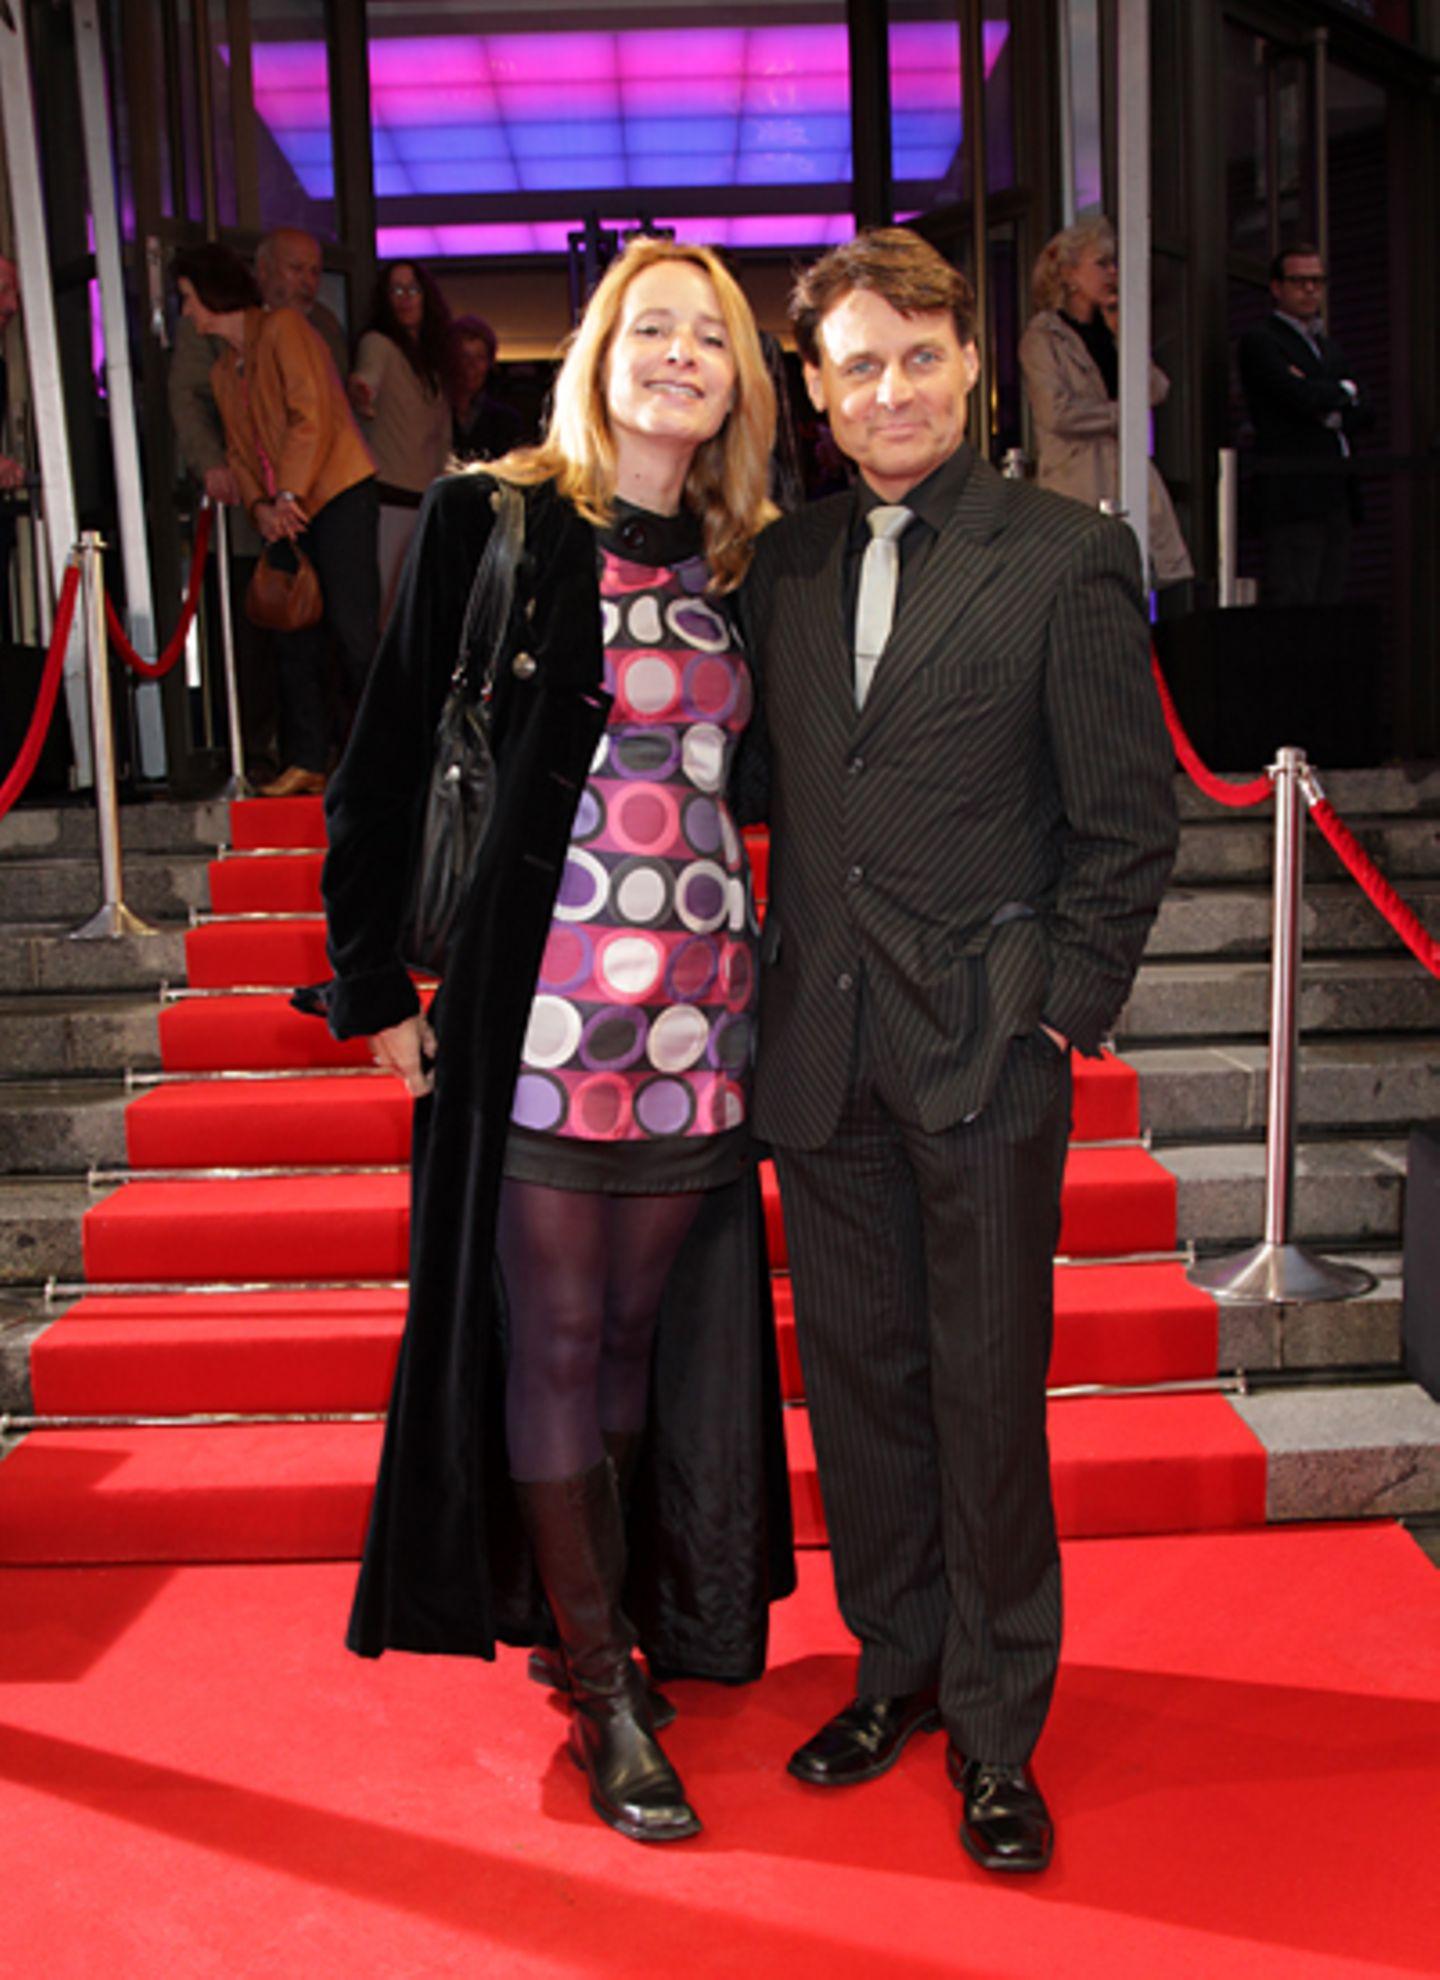 Yma - zu schön, um wahr zu sein: Wolfgang Bahro mit Frau Barbara